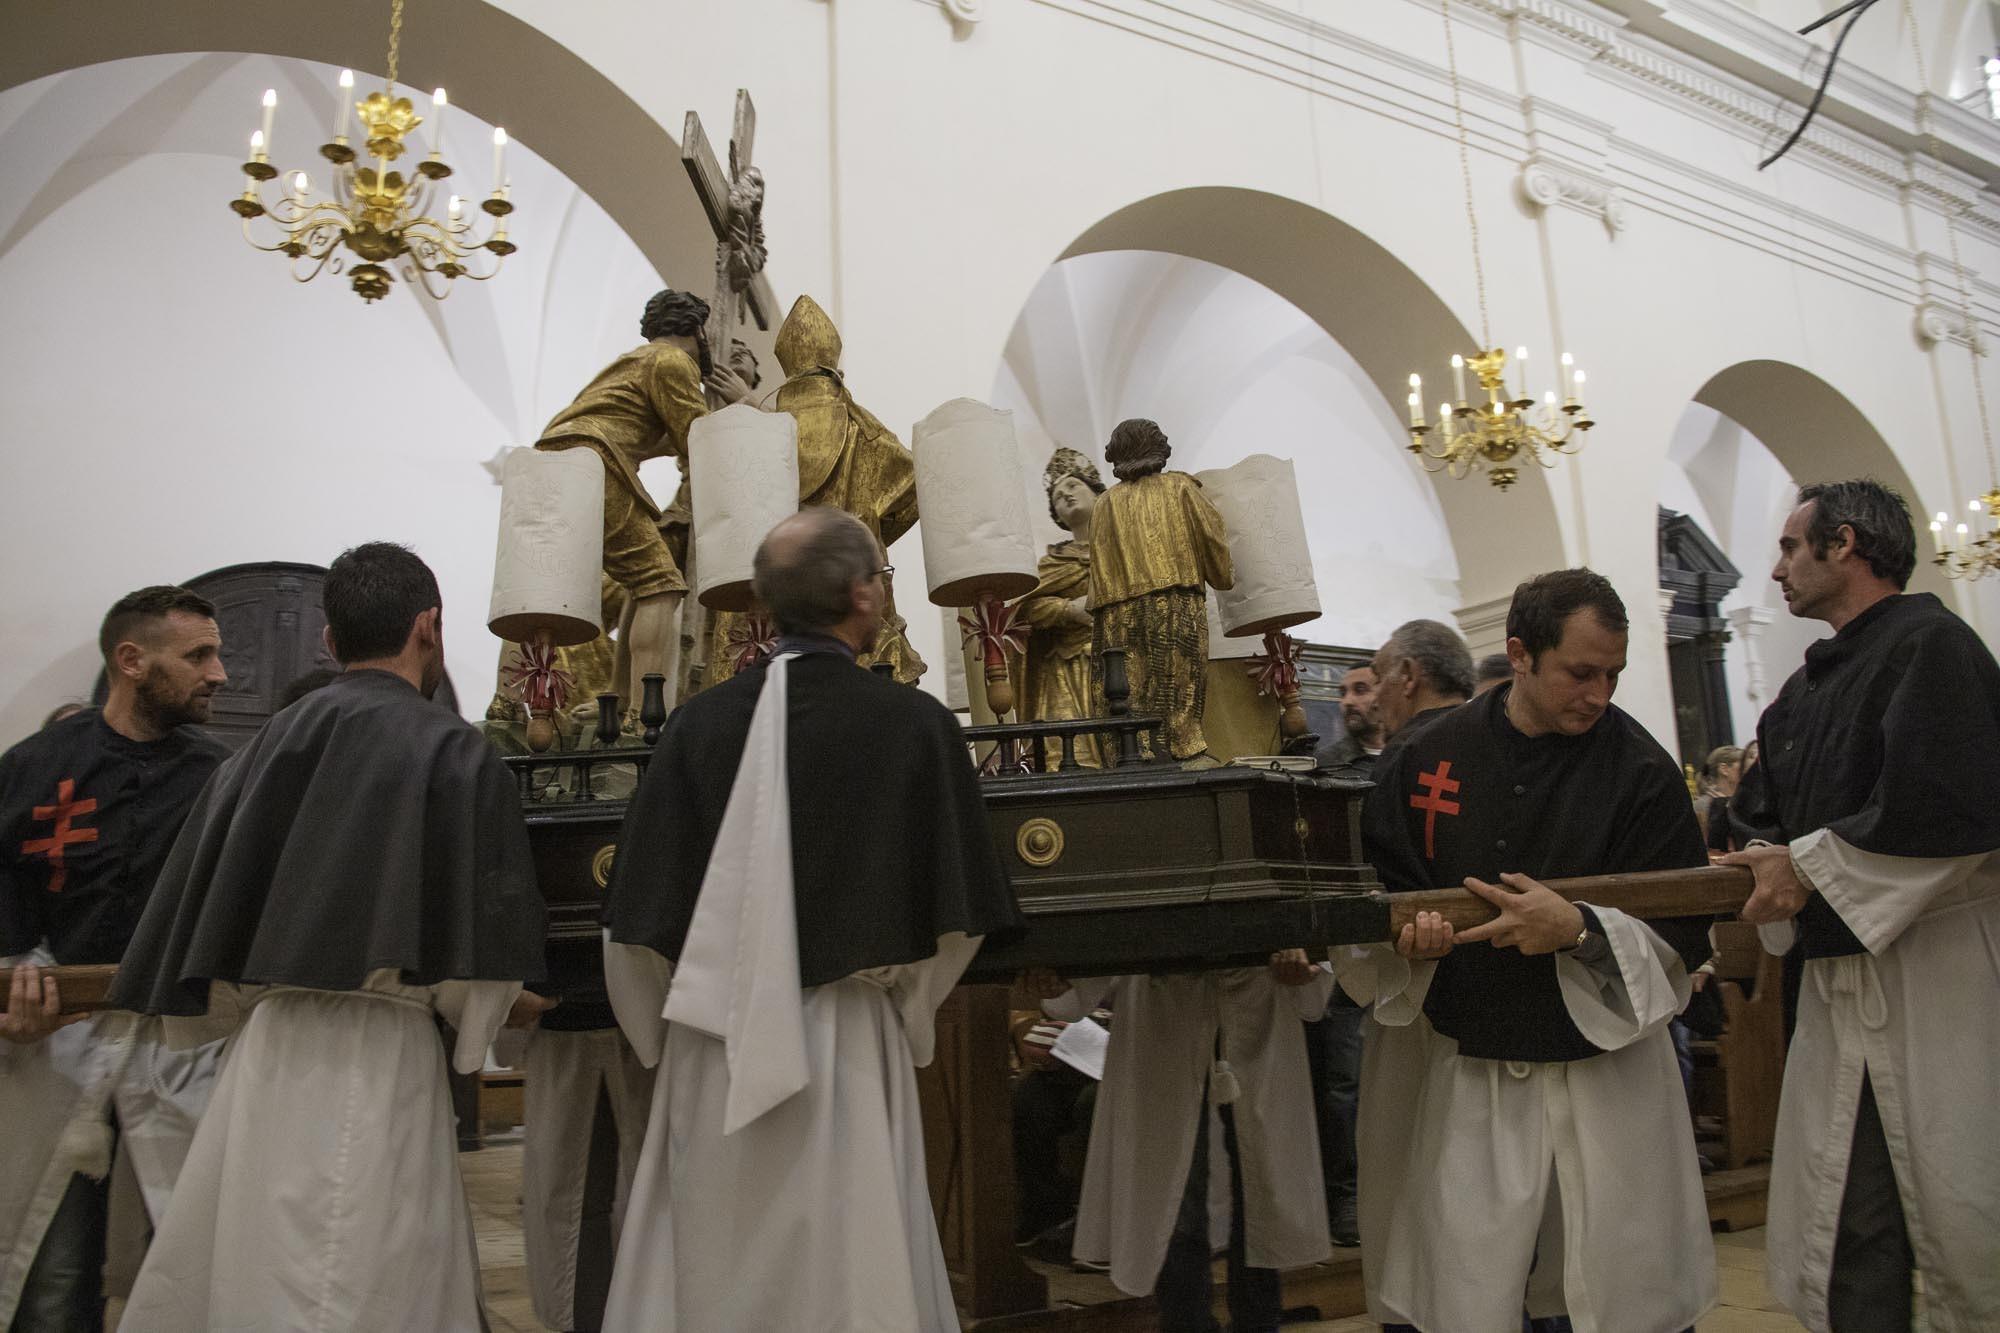 Baldacchino Processionale